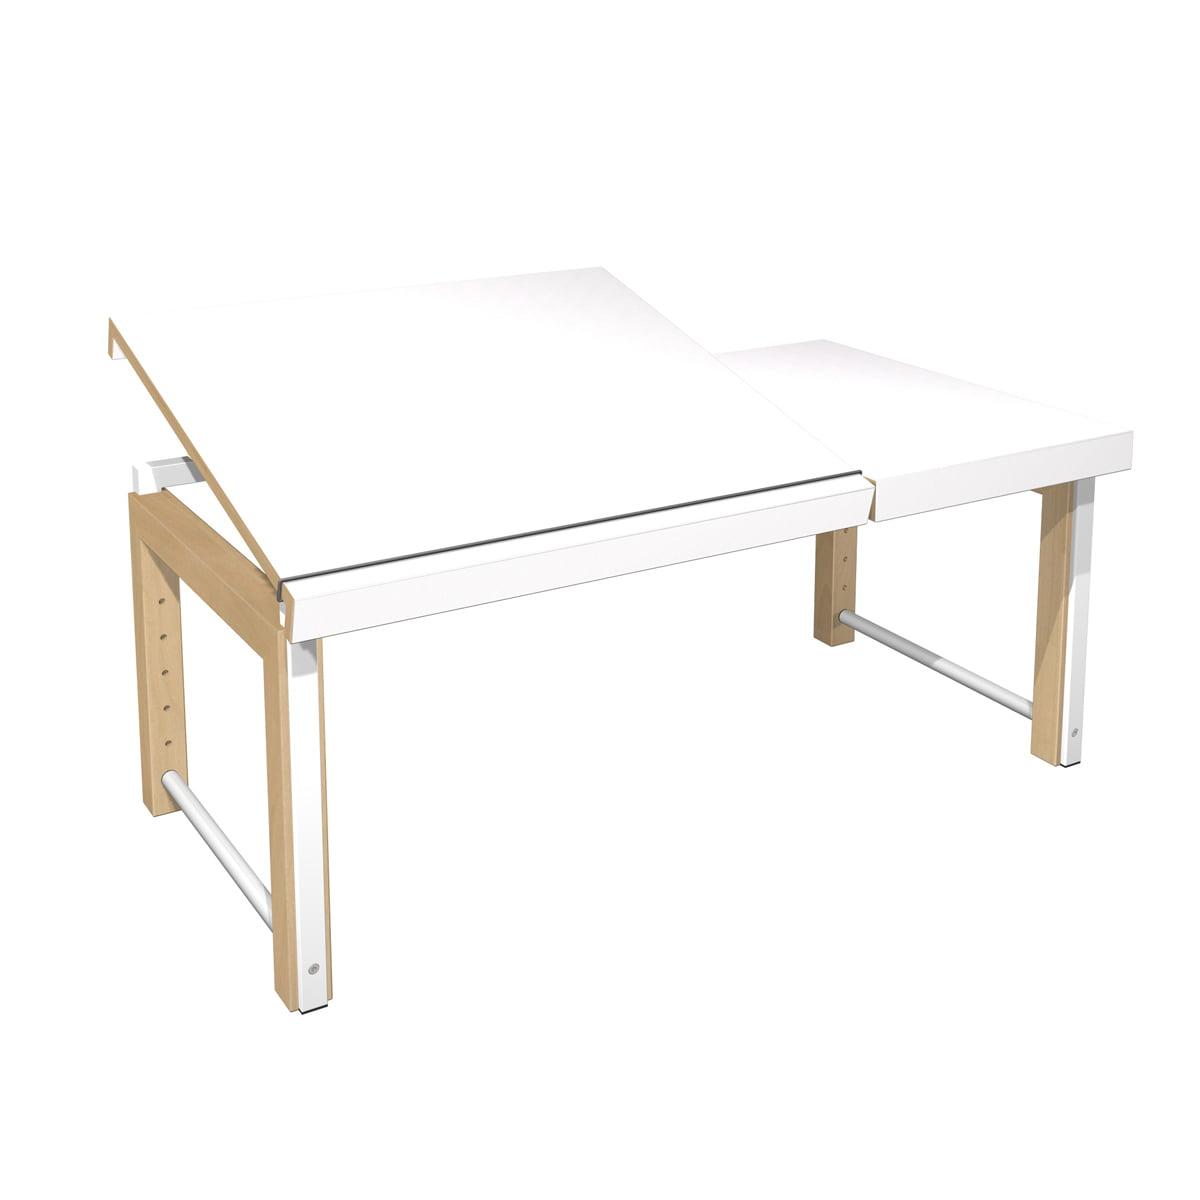 ziggy schreibtisch von de breuyn im shop. Black Bedroom Furniture Sets. Home Design Ideas